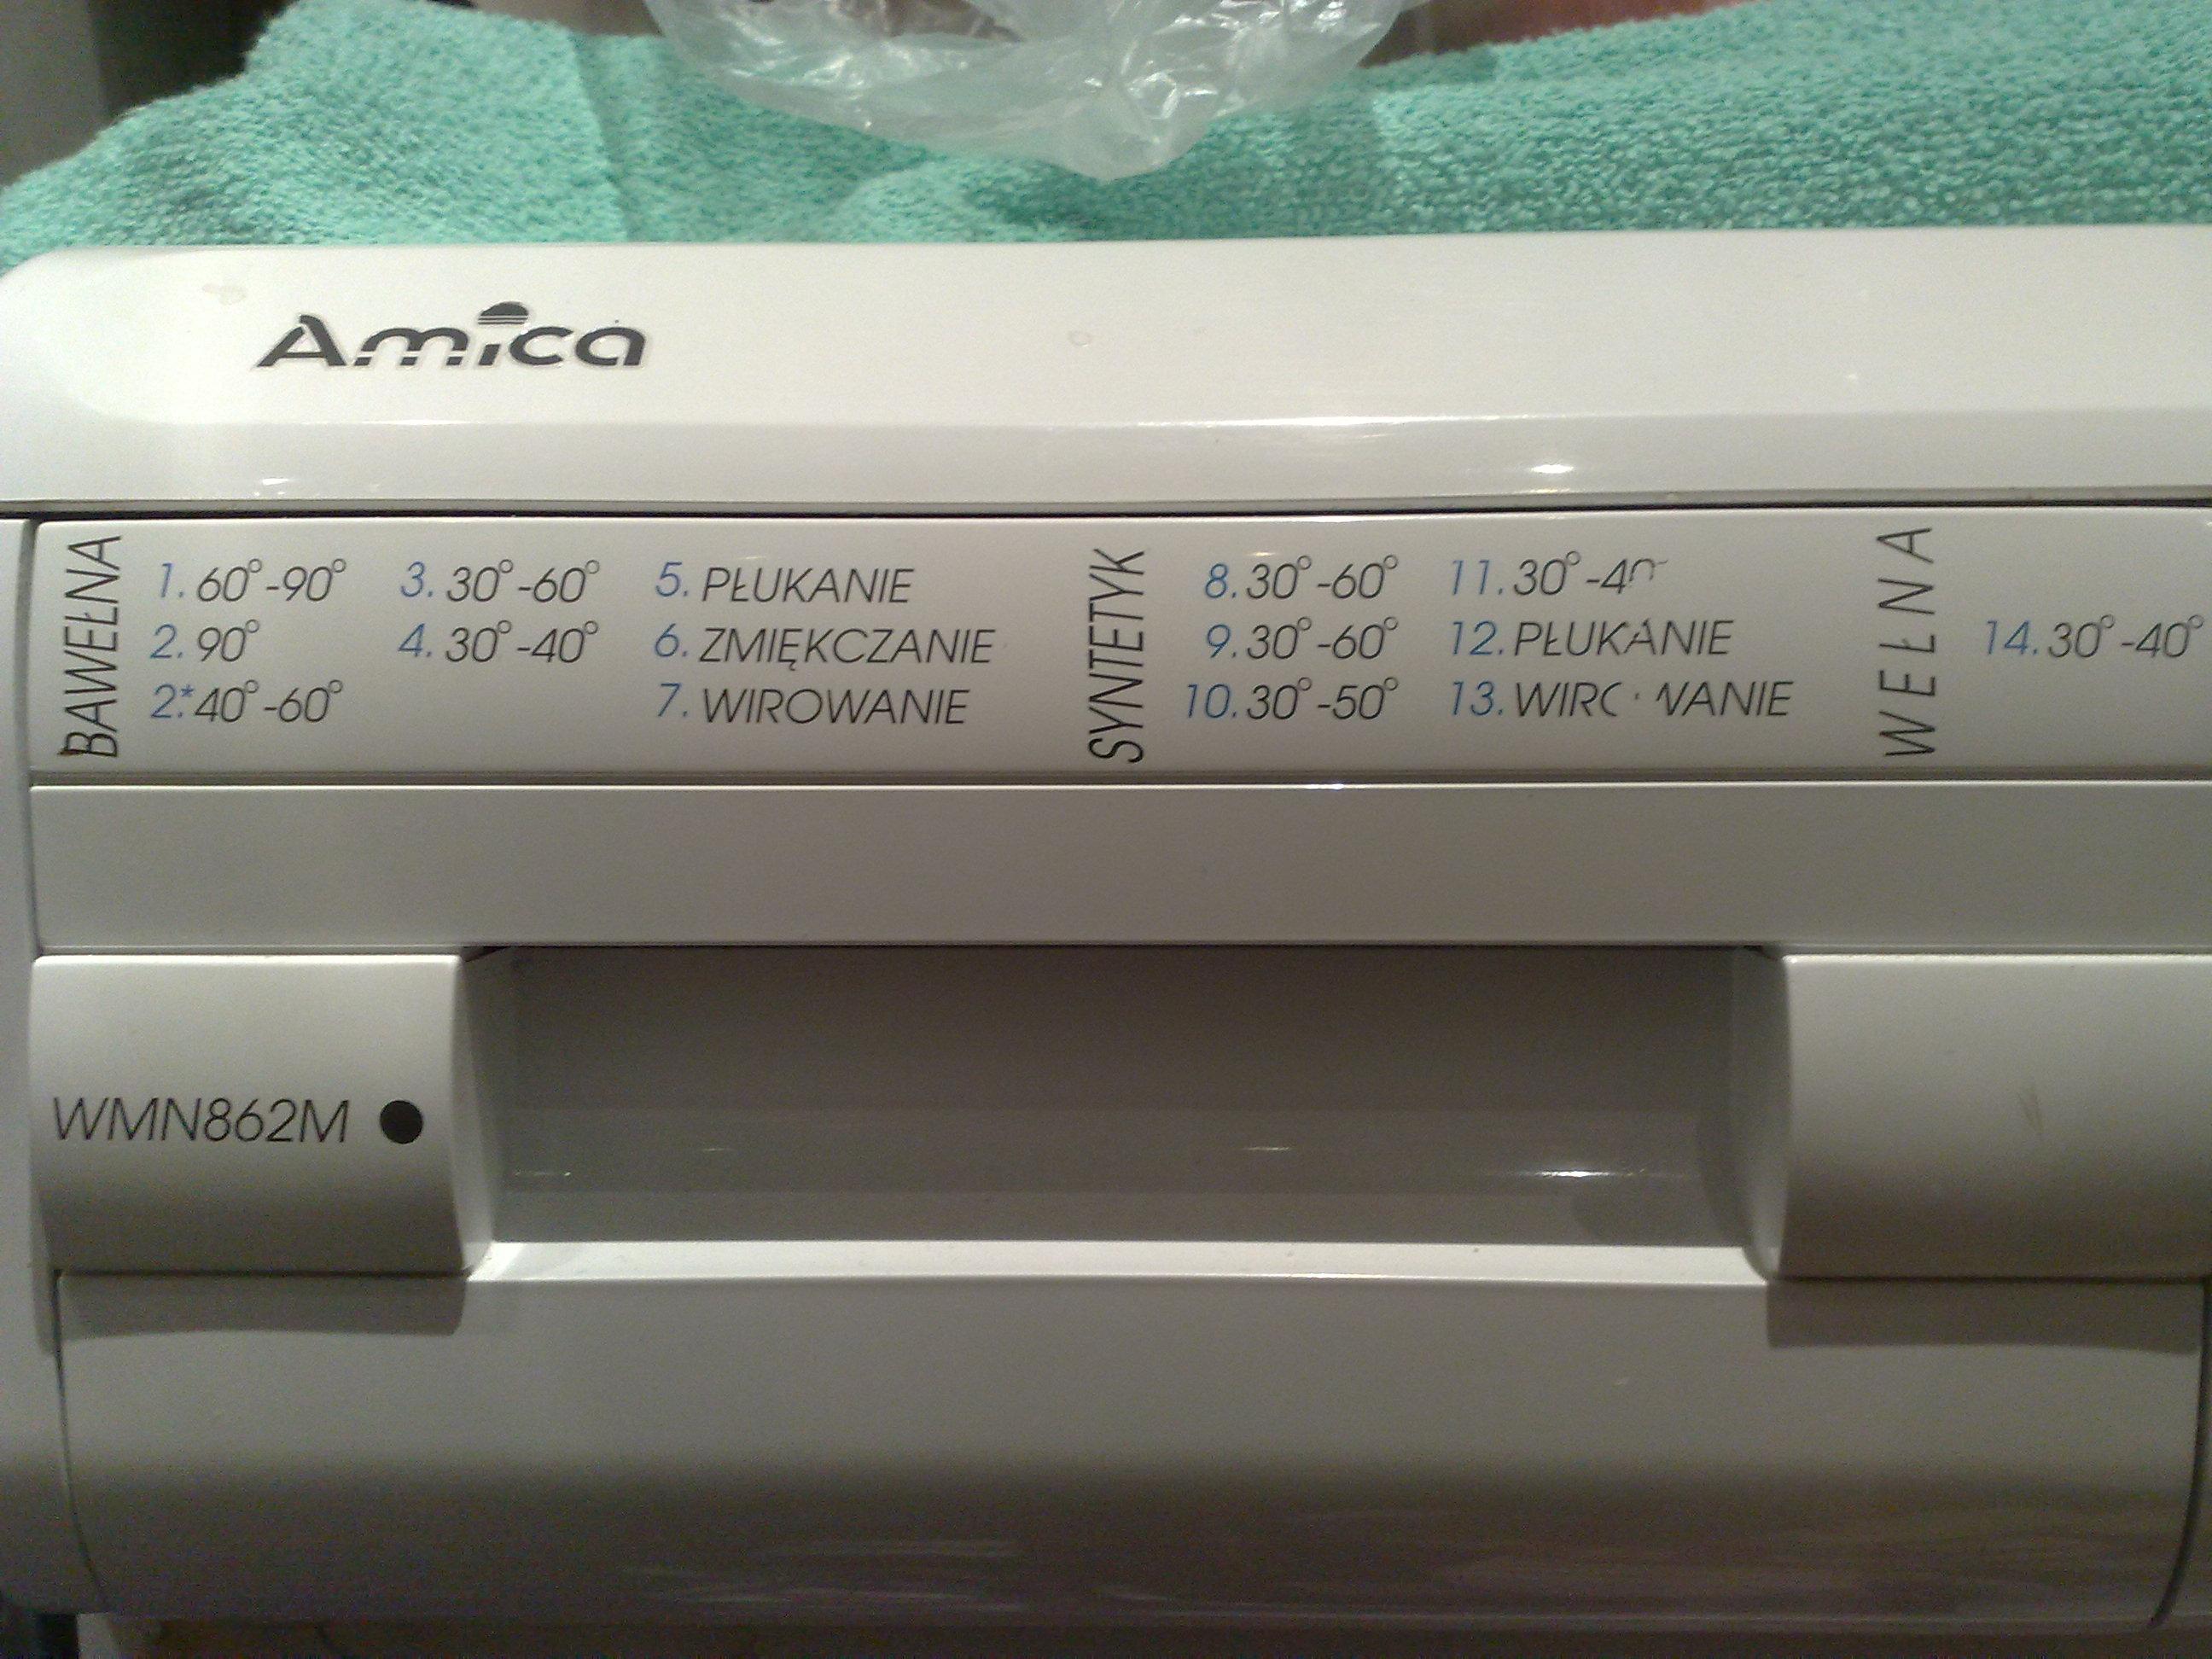 Pralka Amica WMN 862 m nie wiruje.